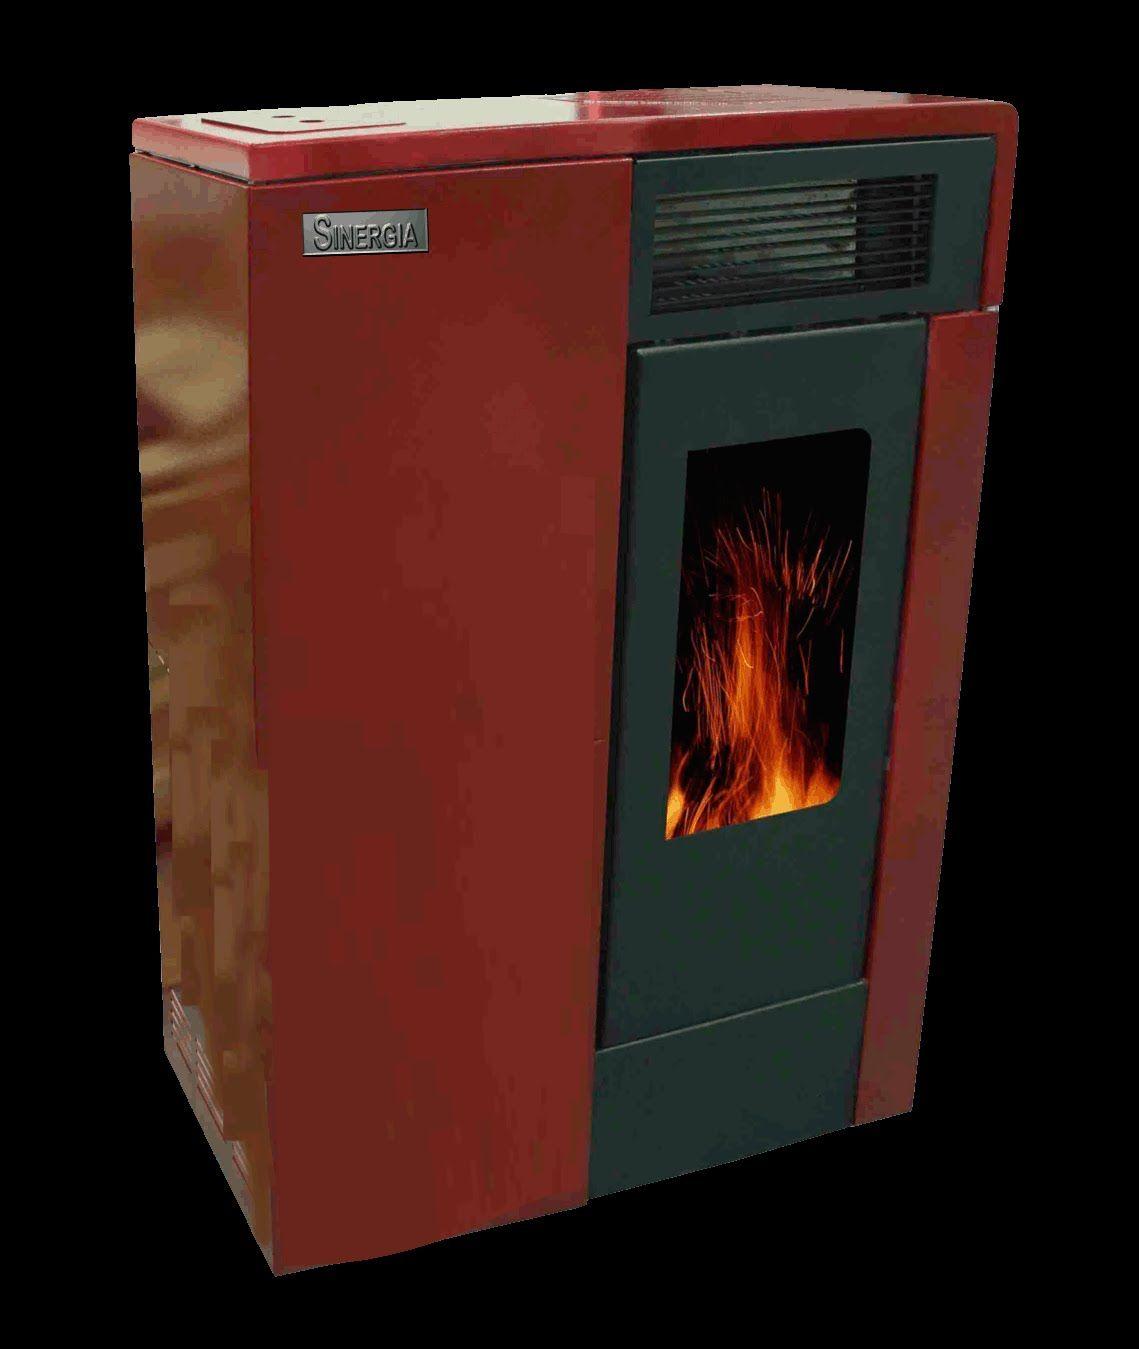 Estufa Sinergia modelo Slim Vento de reducidas dimensiones para que desde su ubicación en un pasillo, pueda dar calor a las habitaciones colindantes.